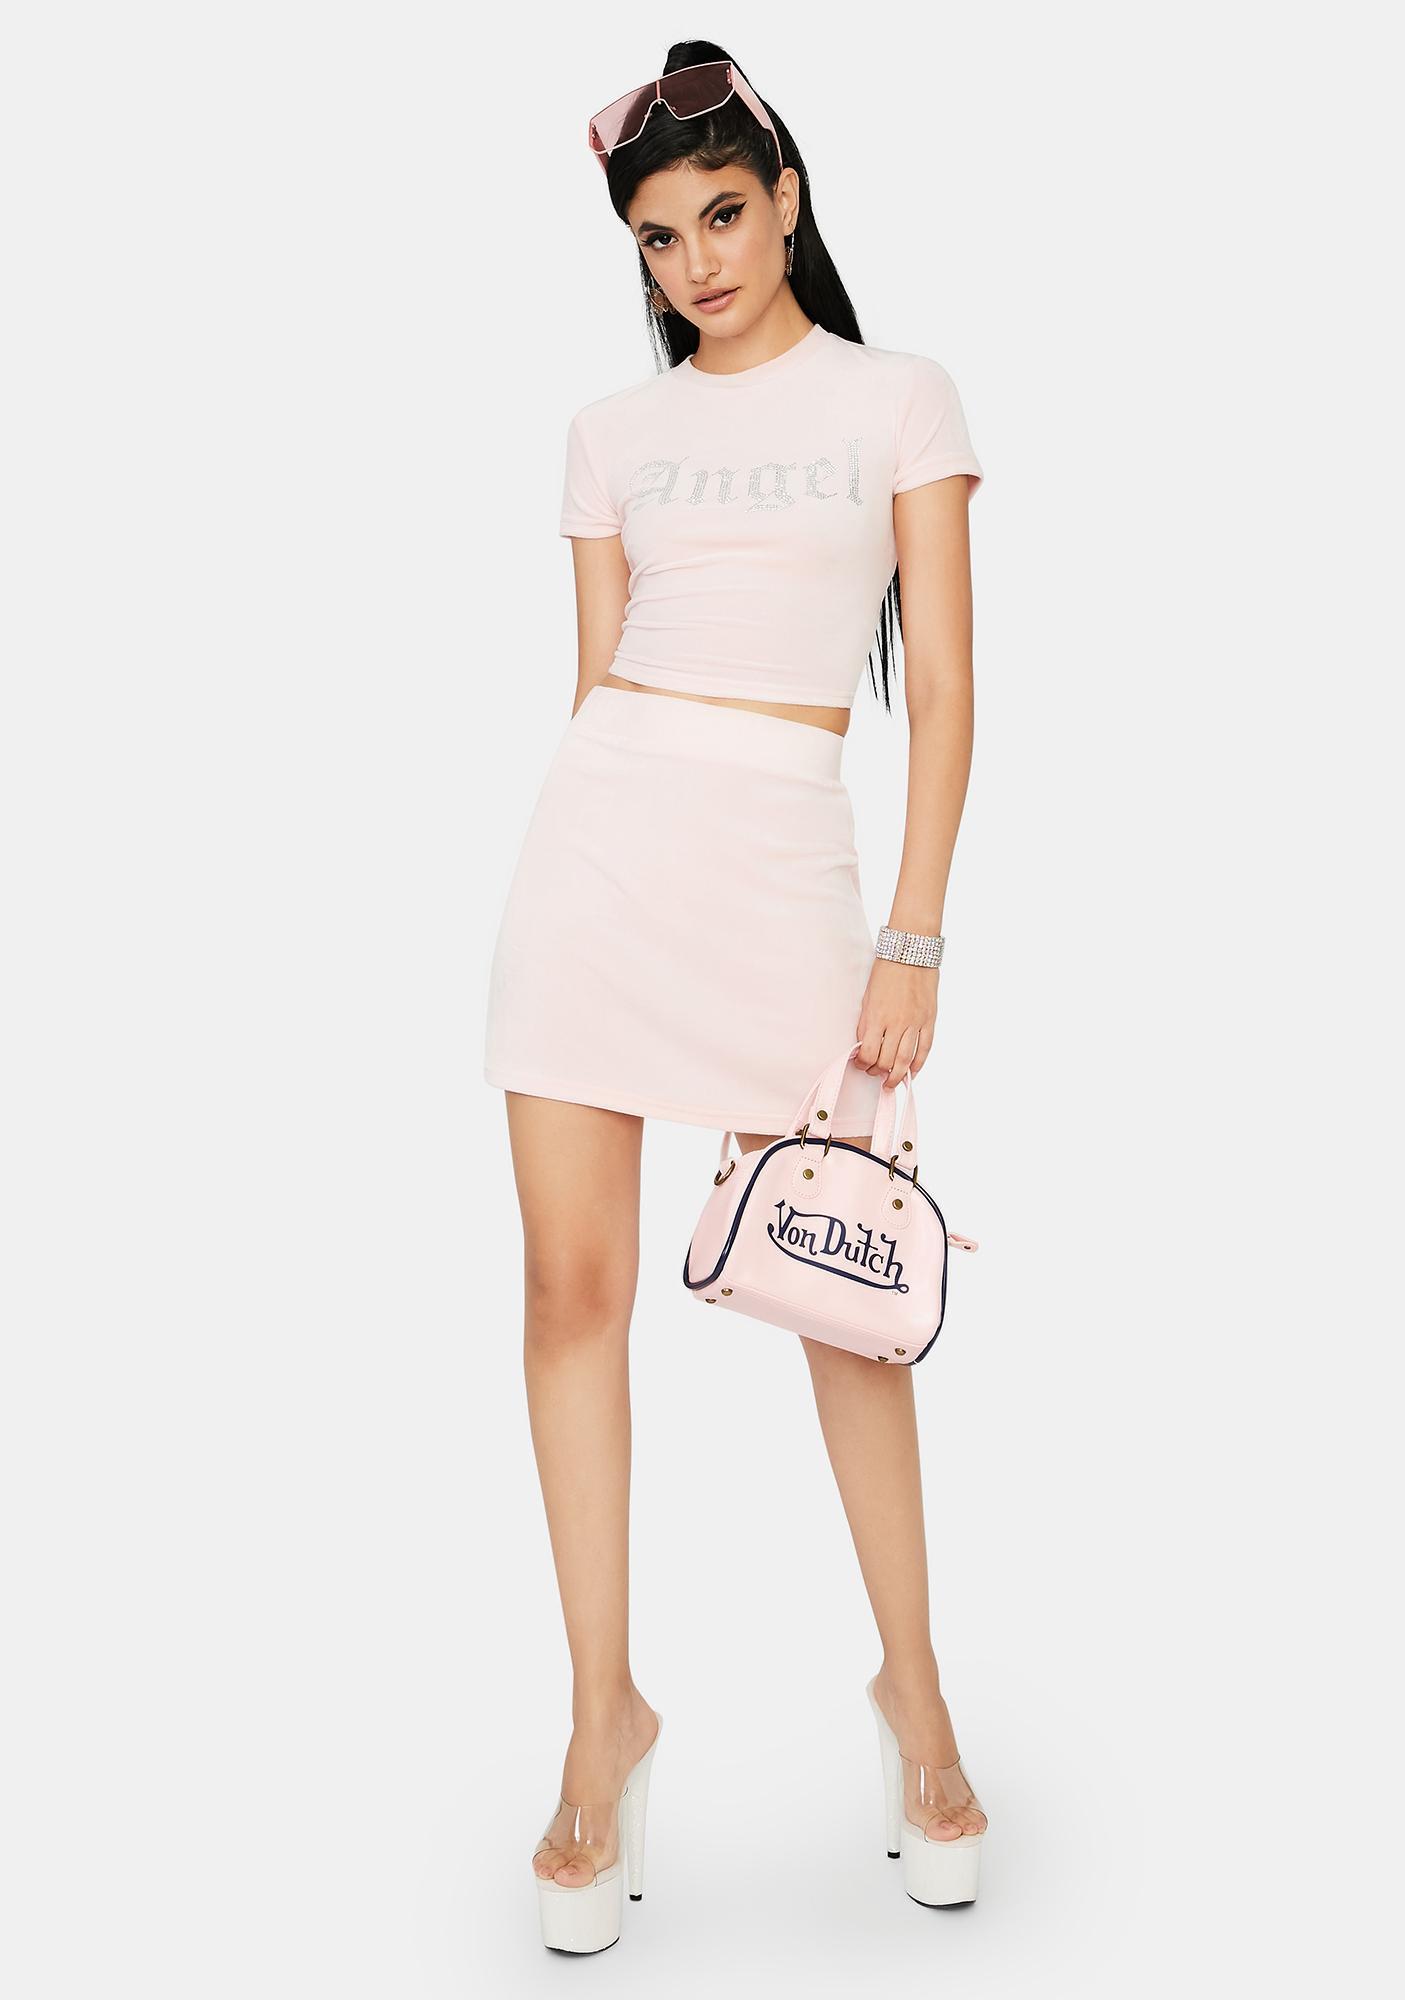 Icy Angel Bling Skirt Set